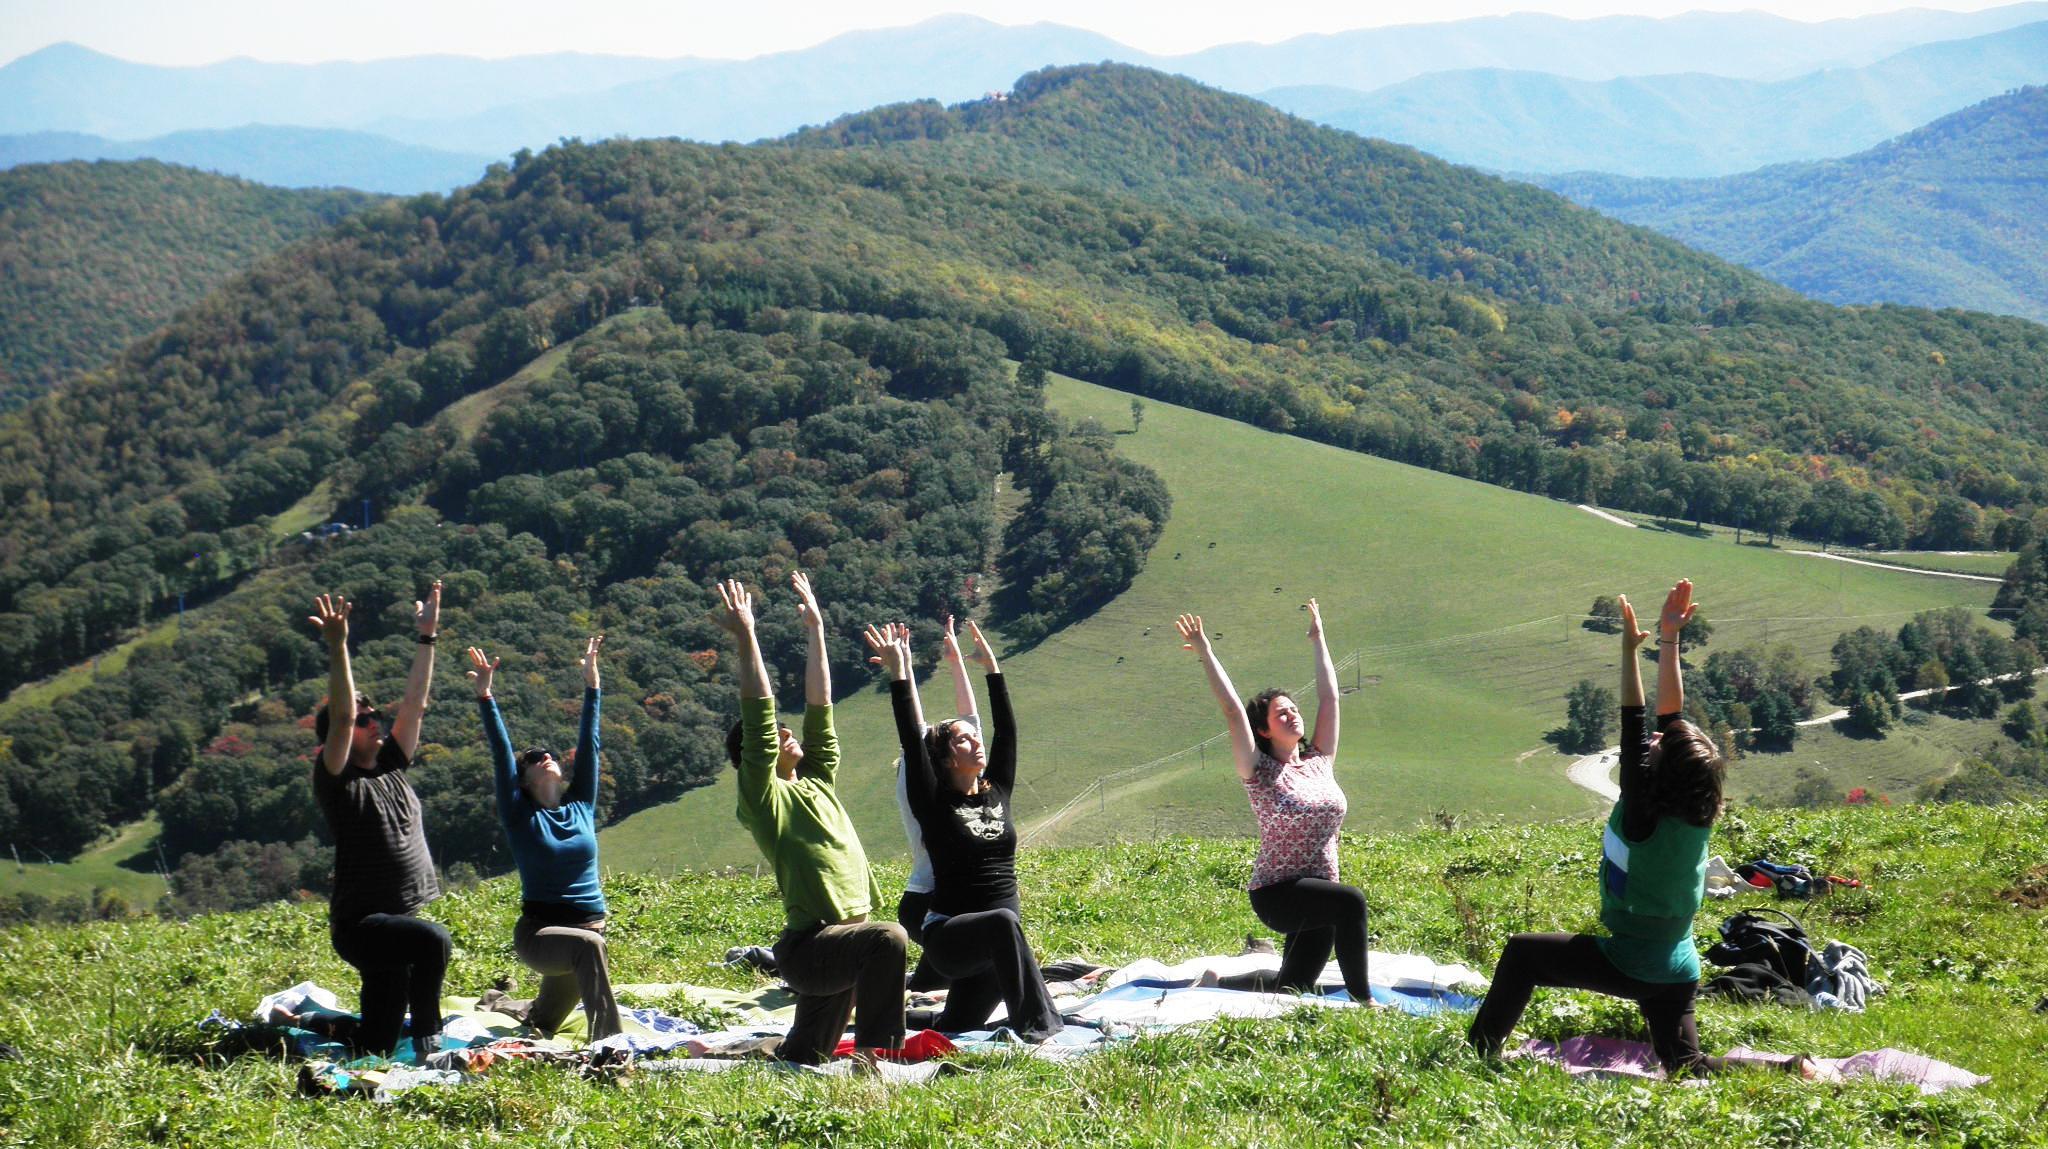 Йога тур в Крым 2019: за спокойствием души, красотой лица и бодростью тела